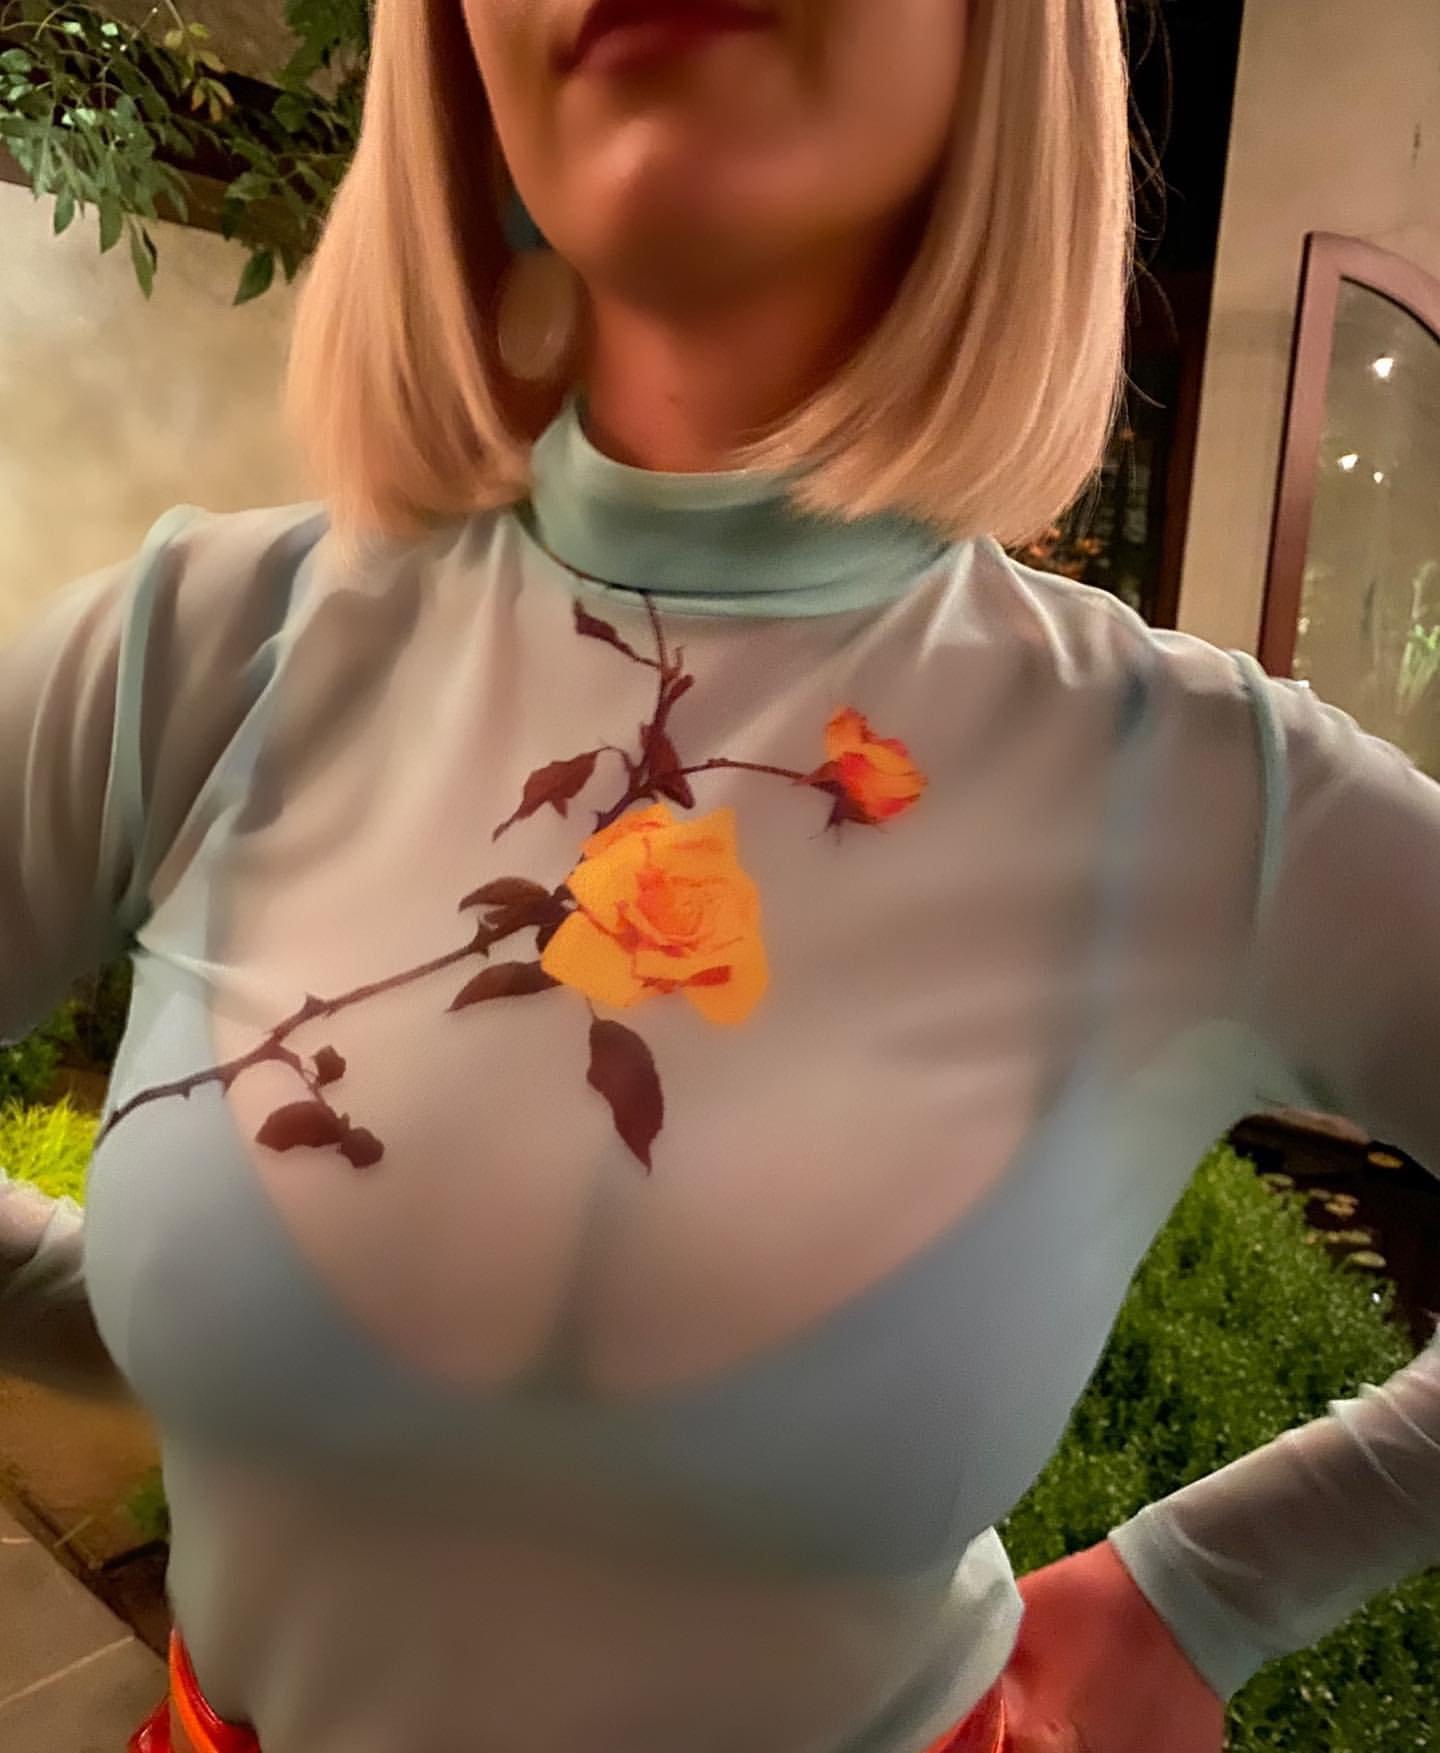 Katy Perry Hot Big Boobs